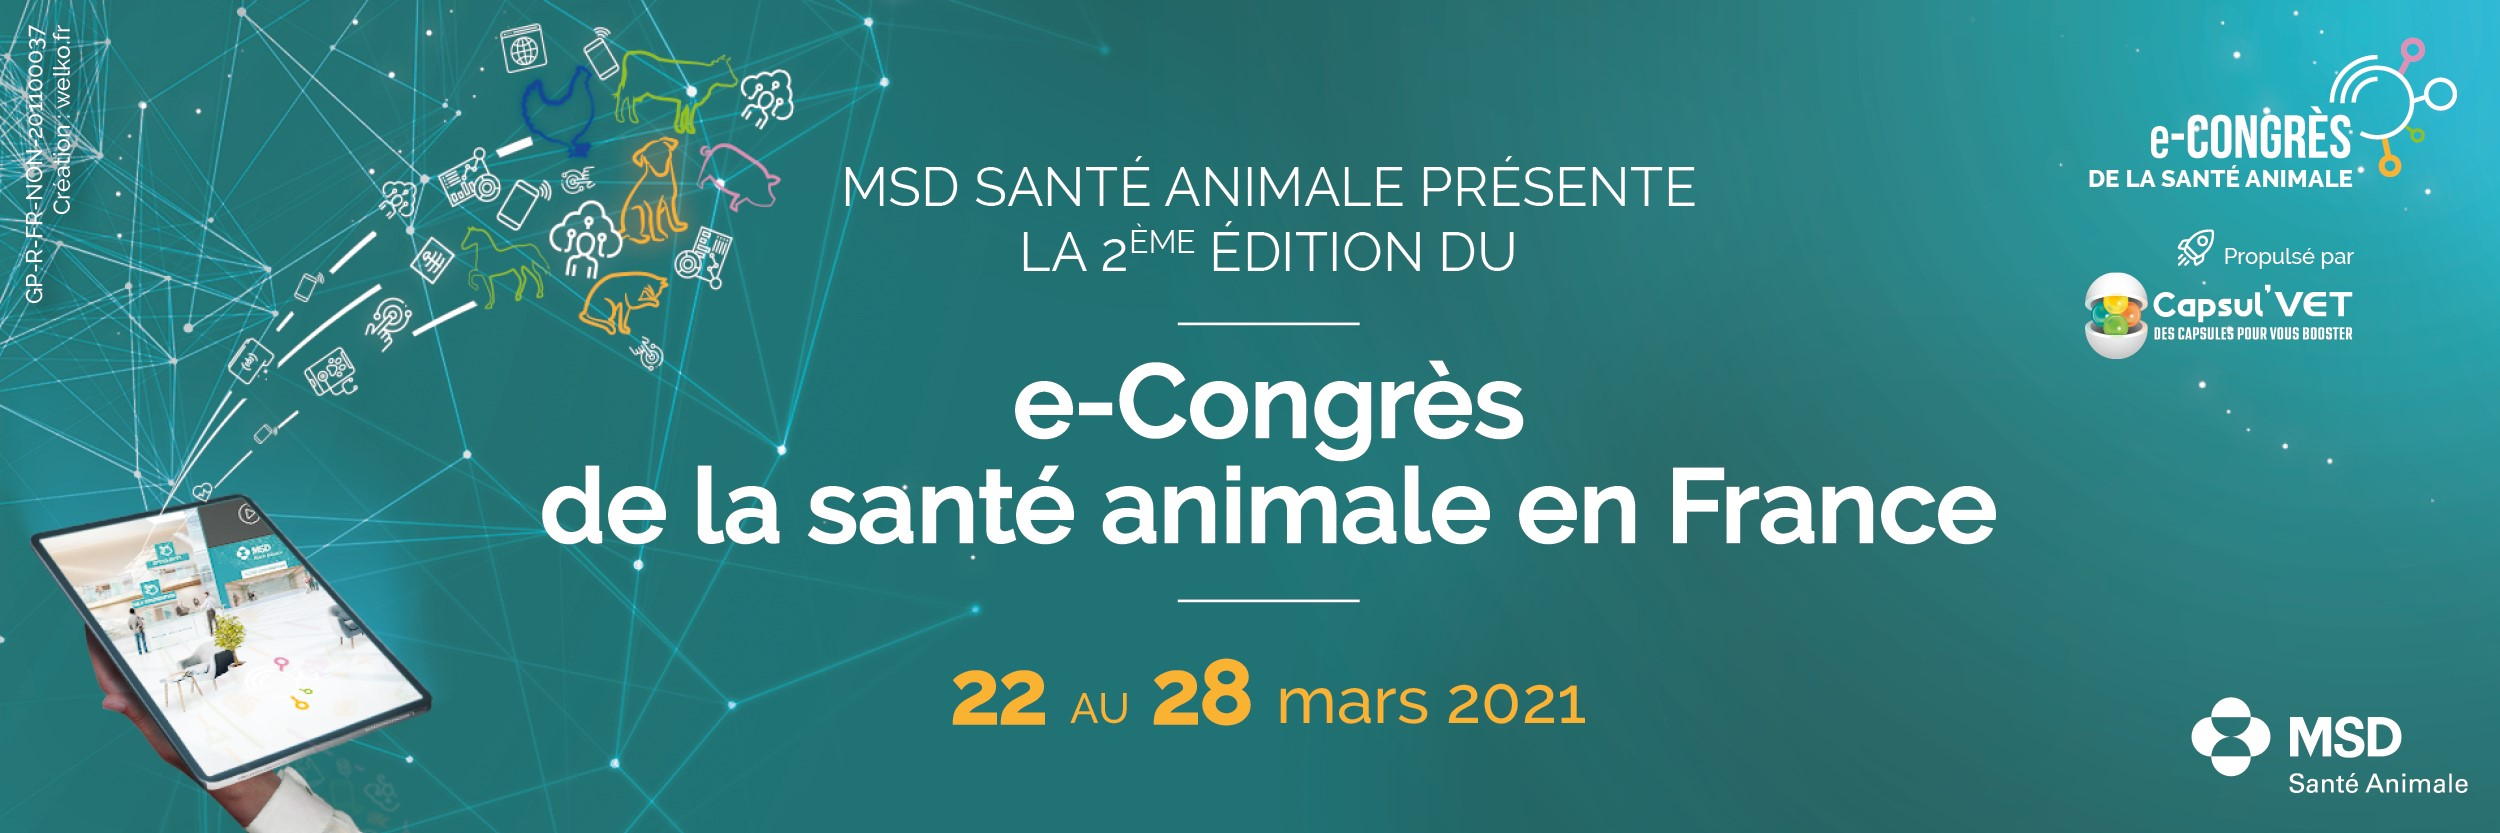 e-Congrès de la Santé Animale 2021 : ouverture des inscriptions !